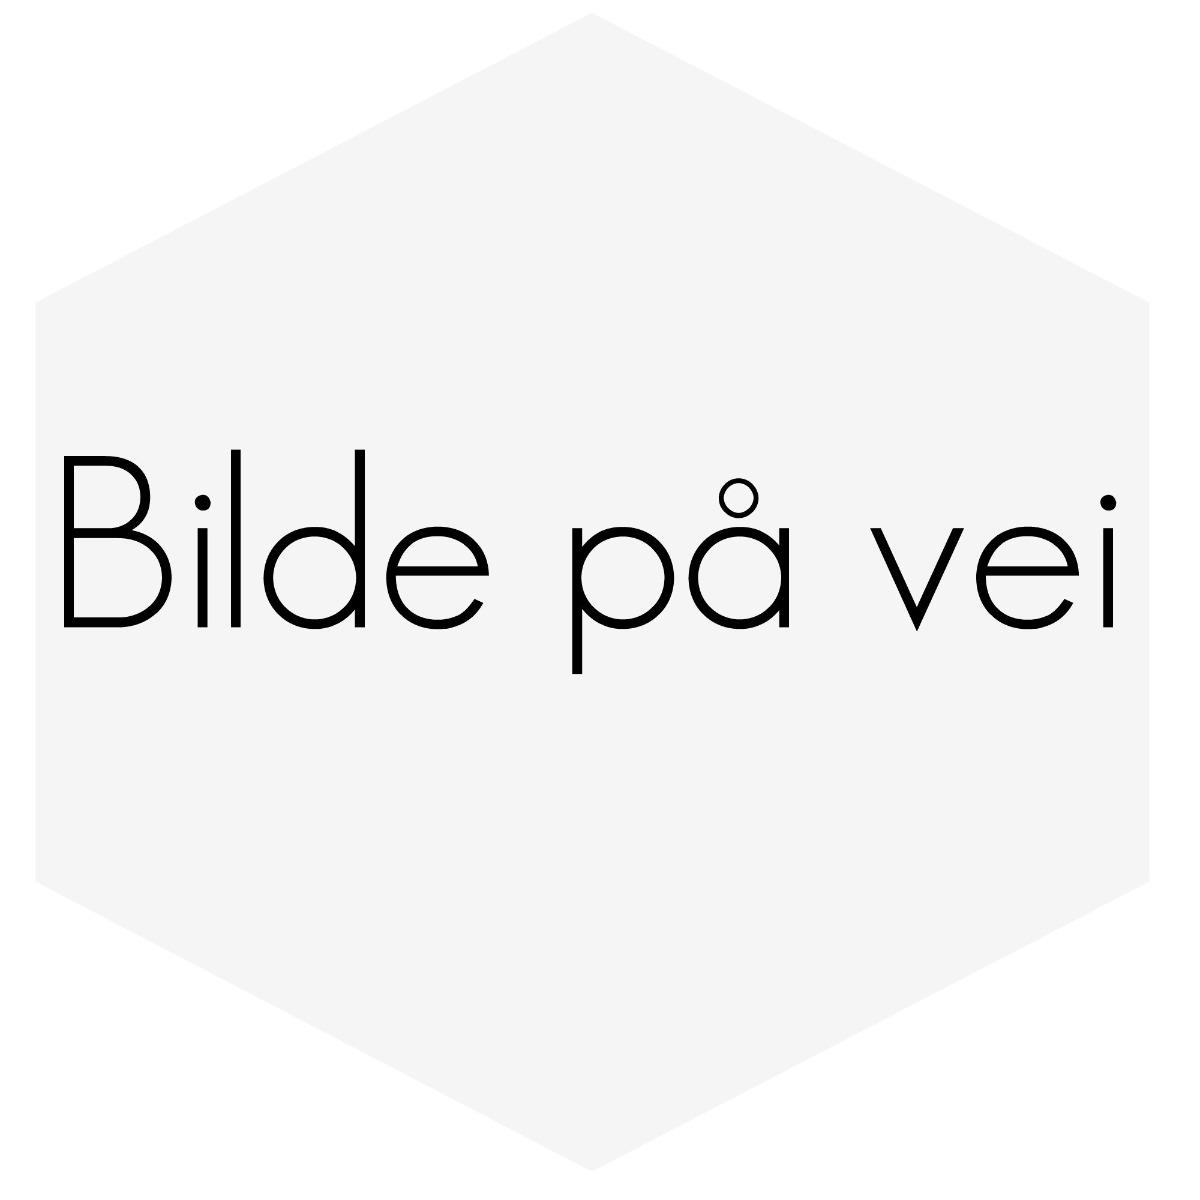 FORSKJERM VOLVO 240-84-93  HØYE SIDE  ORIGINAL 1315425